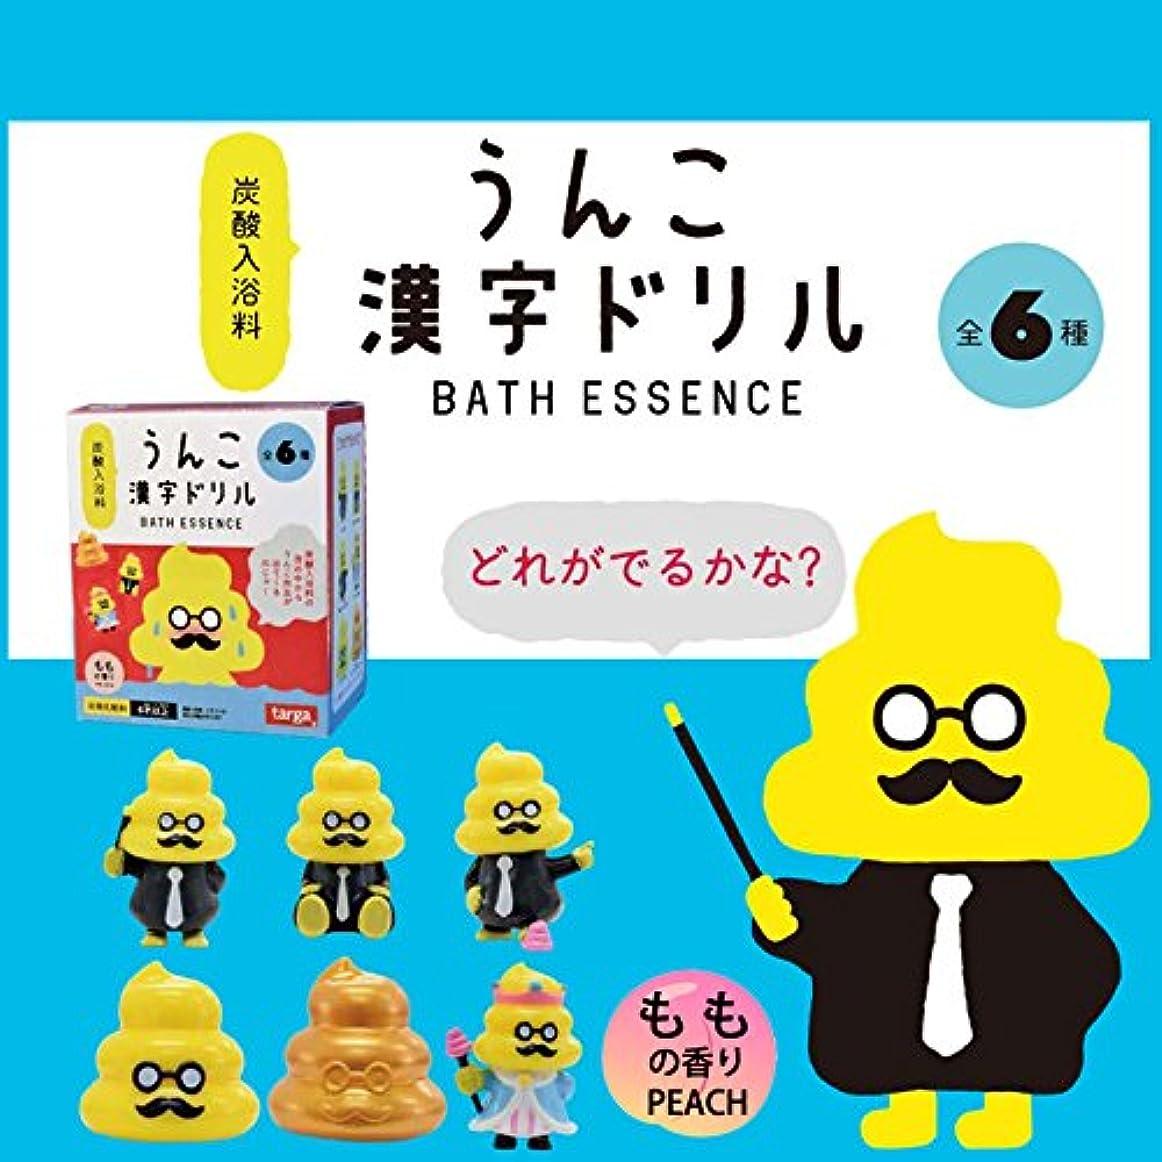 エクステントビルサイドボードうんこ漢字ドリル 炭酸入浴料 6個1セット 入浴剤